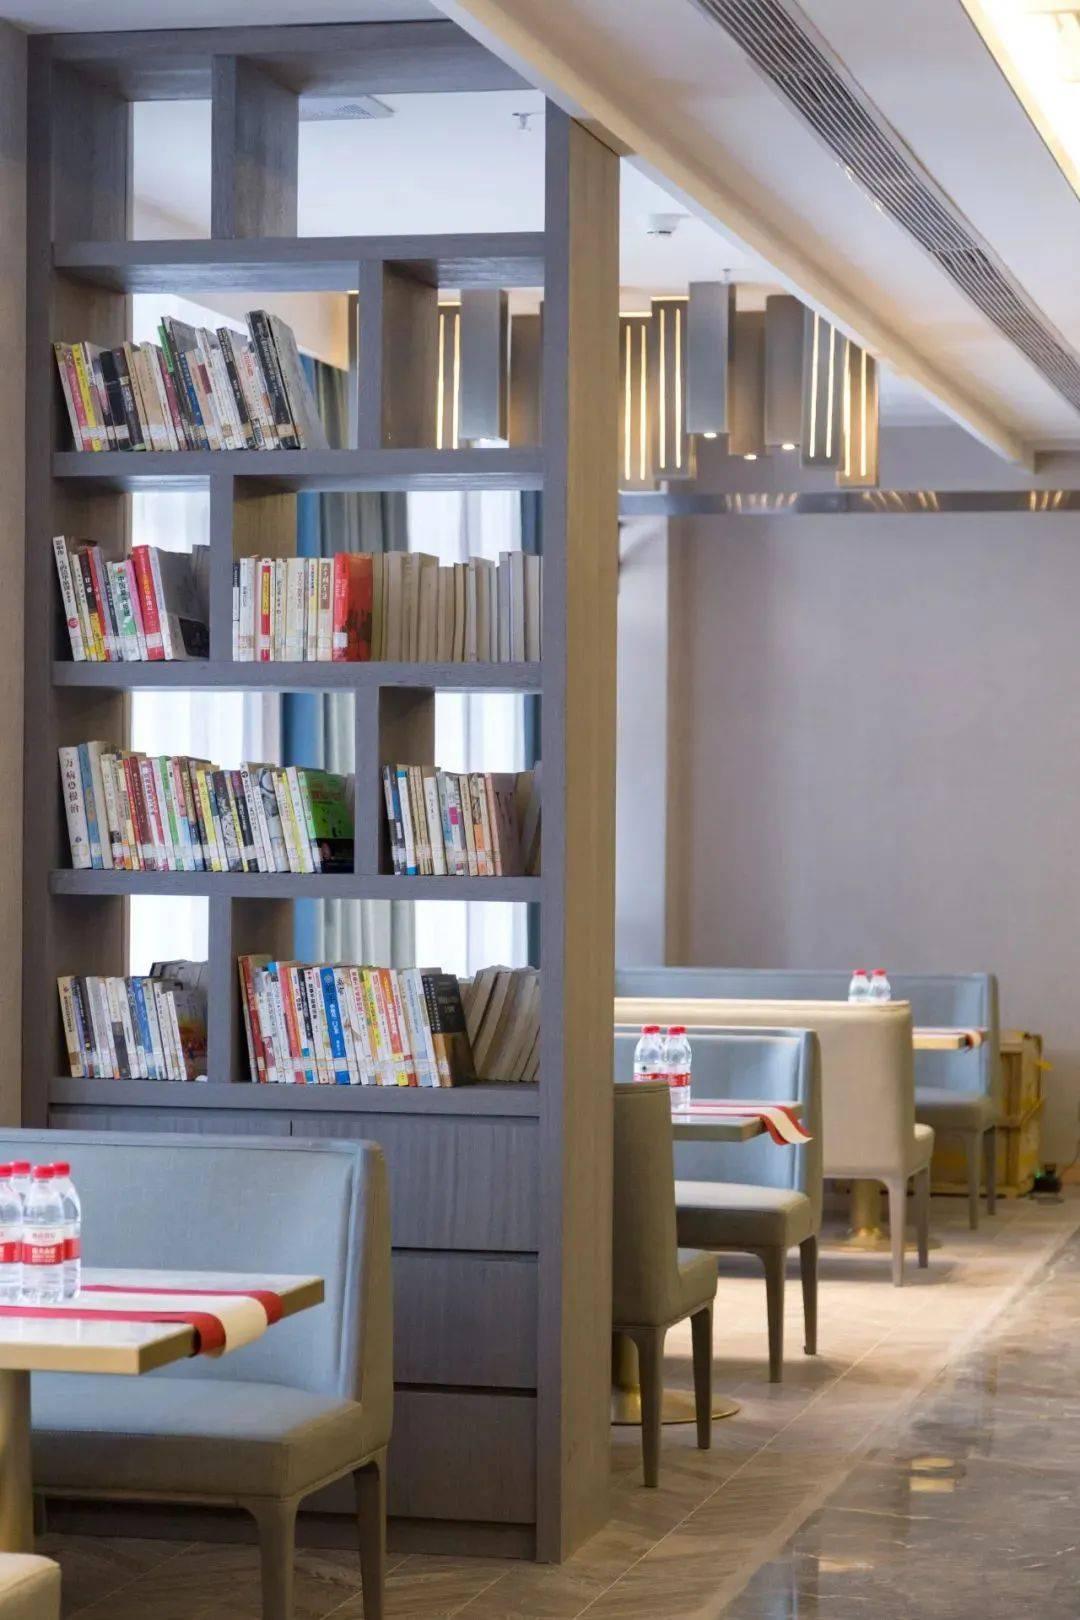 把菜做成诗,把图书馆搬进餐厅里